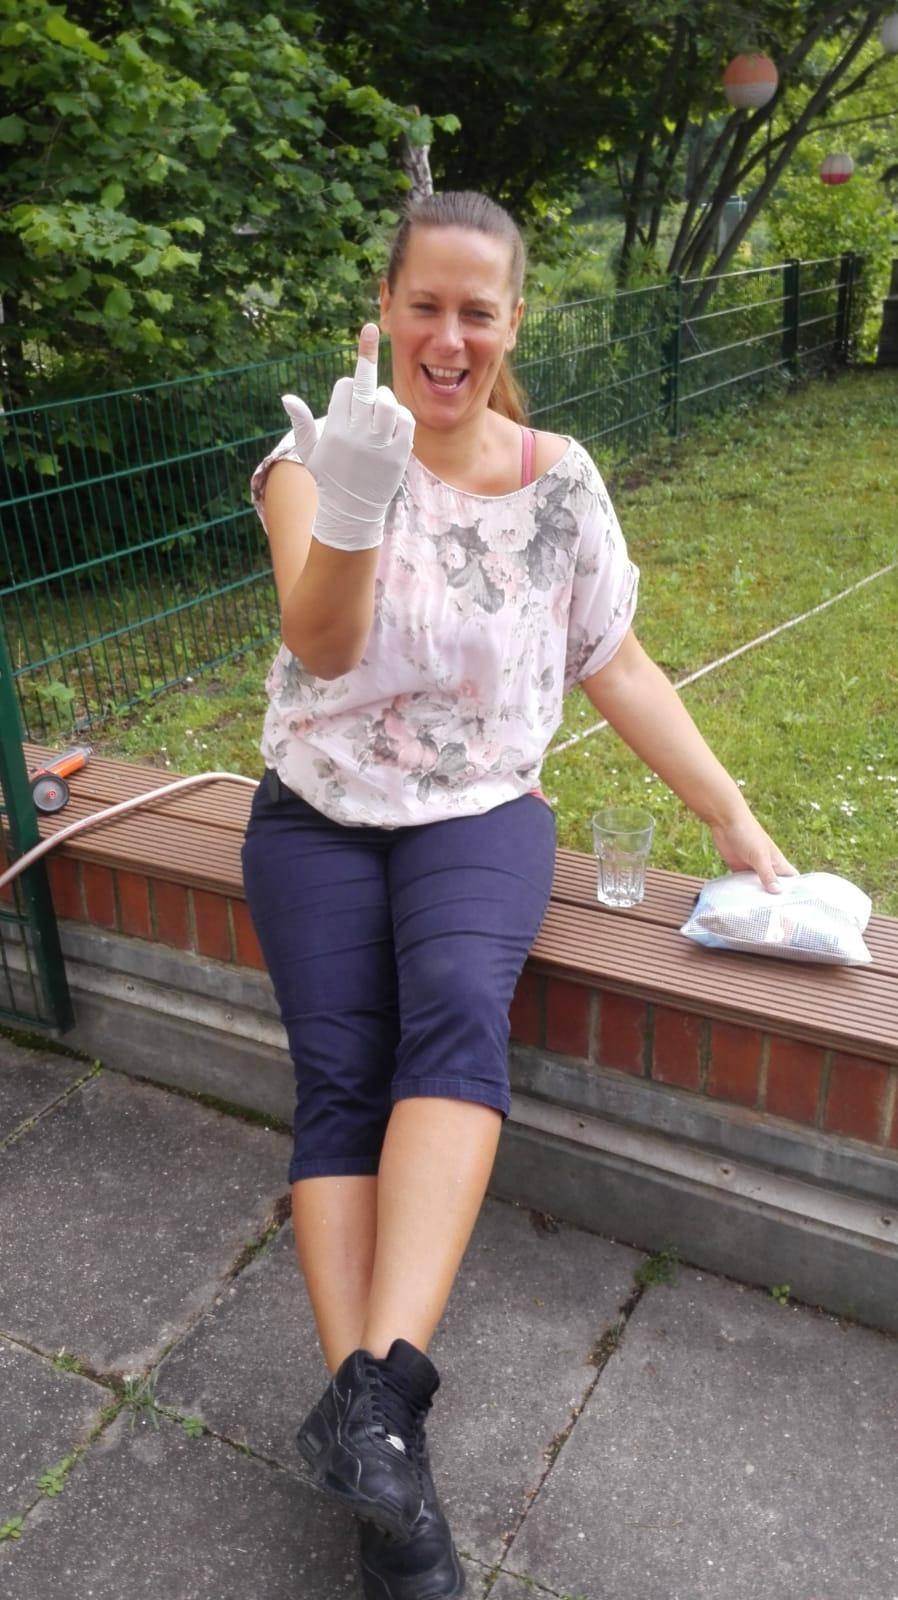 Yvonne Grabow lacht in die Kamera. Sie hat einen Gummihandschuh an, der am Mittelfinger gerissen ist. Sie streckt den Mittelfinger aus.